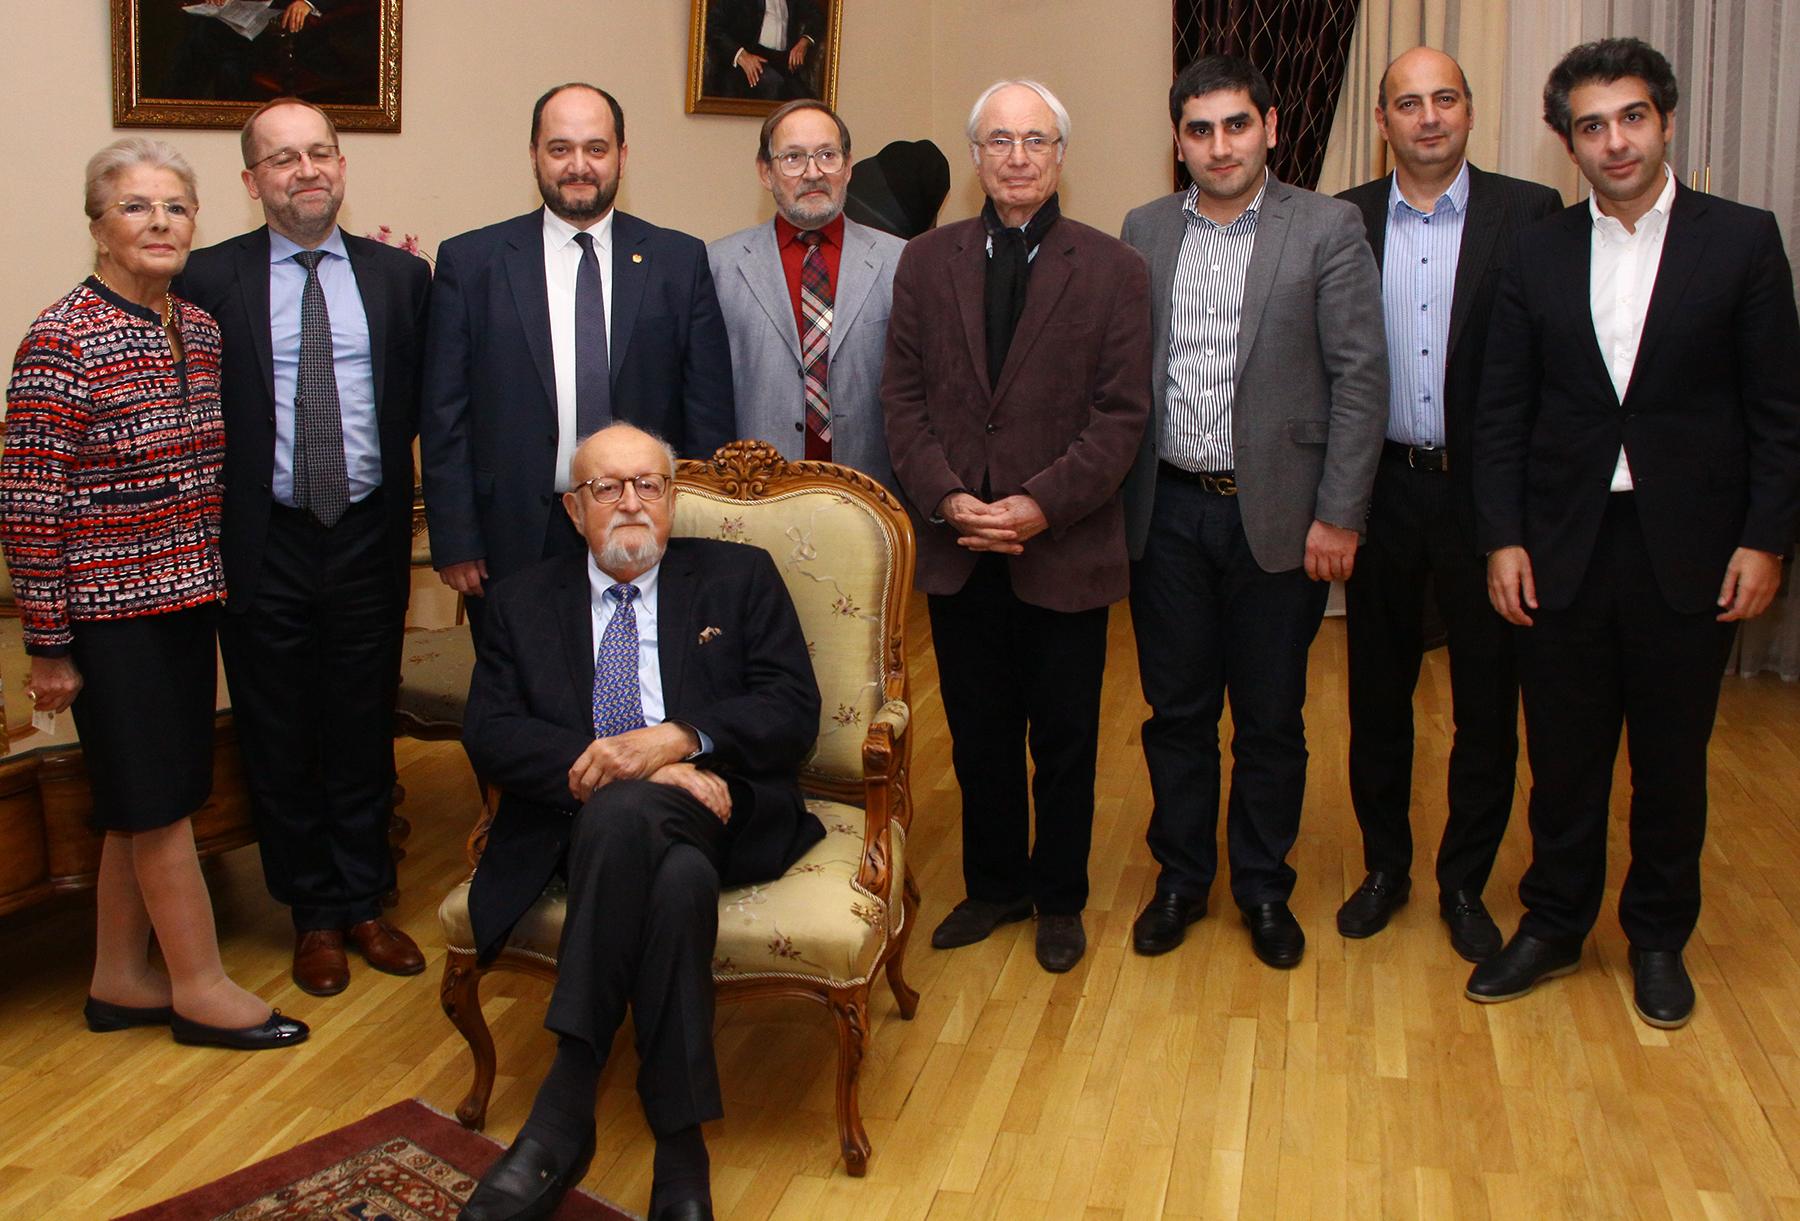 ԿԳՄՍՆ աջակցությամբ՝ «Ժամանակակից դասականներ» փառատոնն առաջին անգամ Հայաստանում